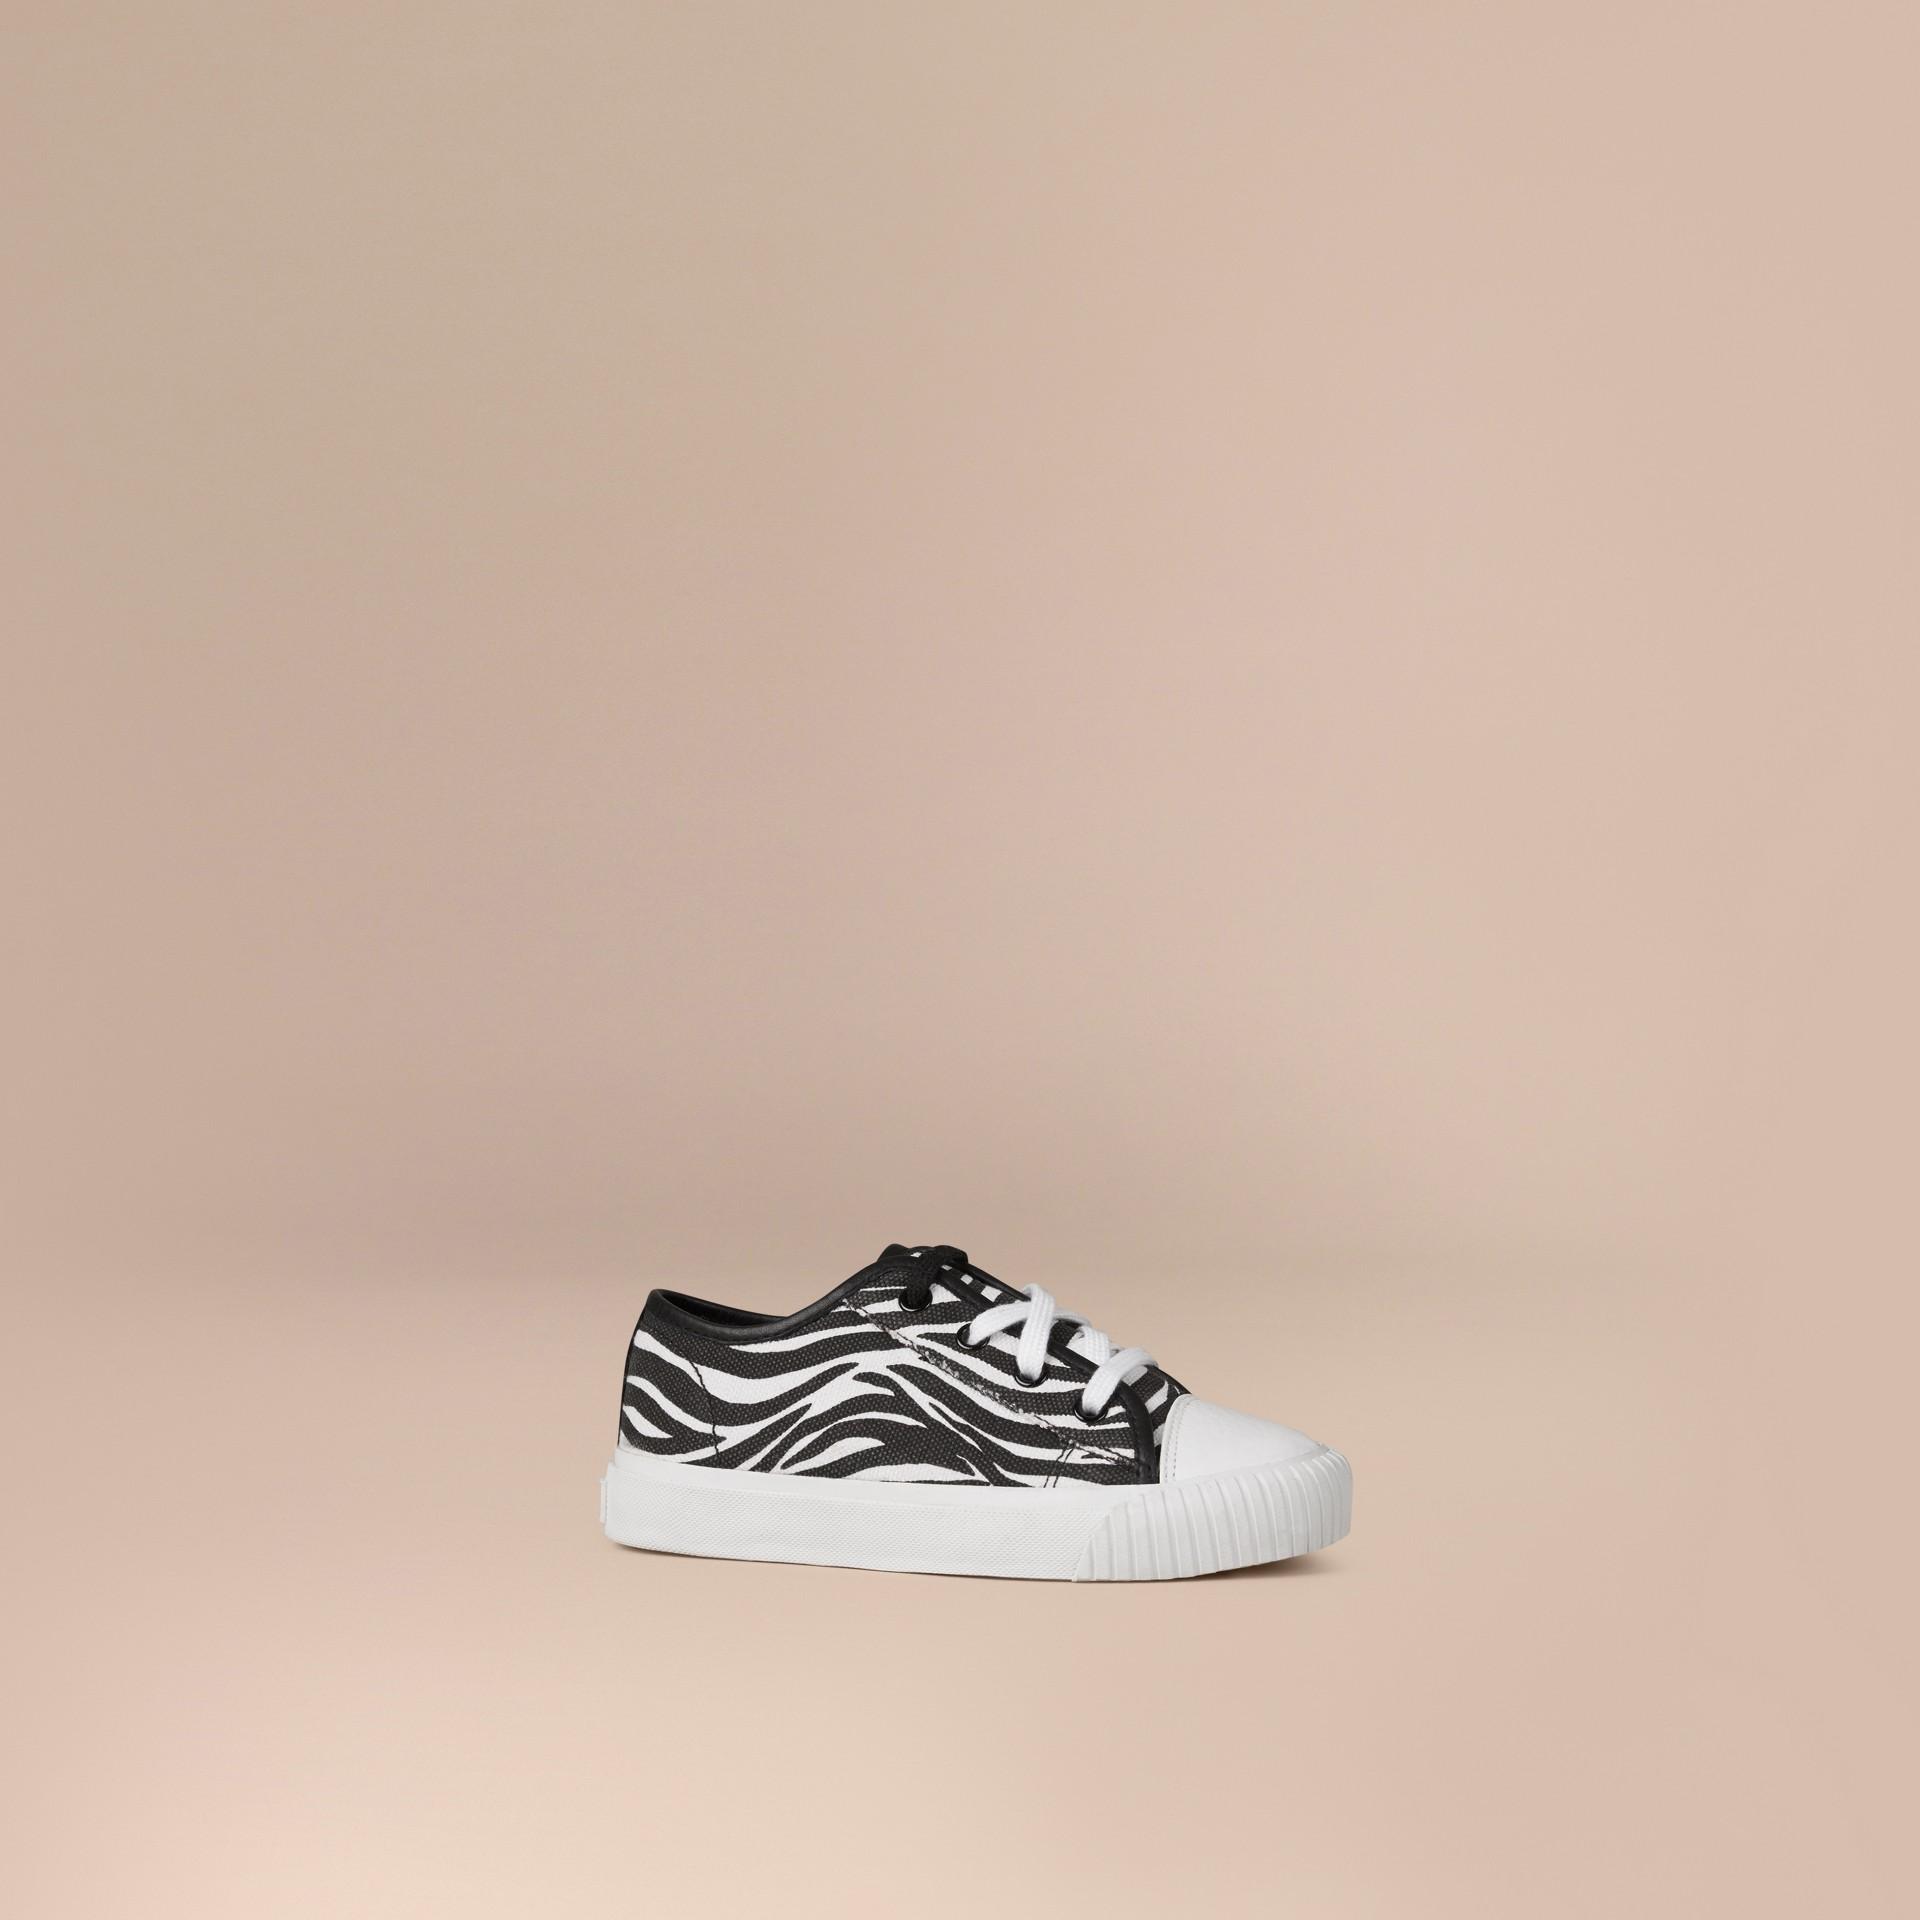 Nero/bianco Sneaker in tela con stampa zebrata - immagine della galleria 1